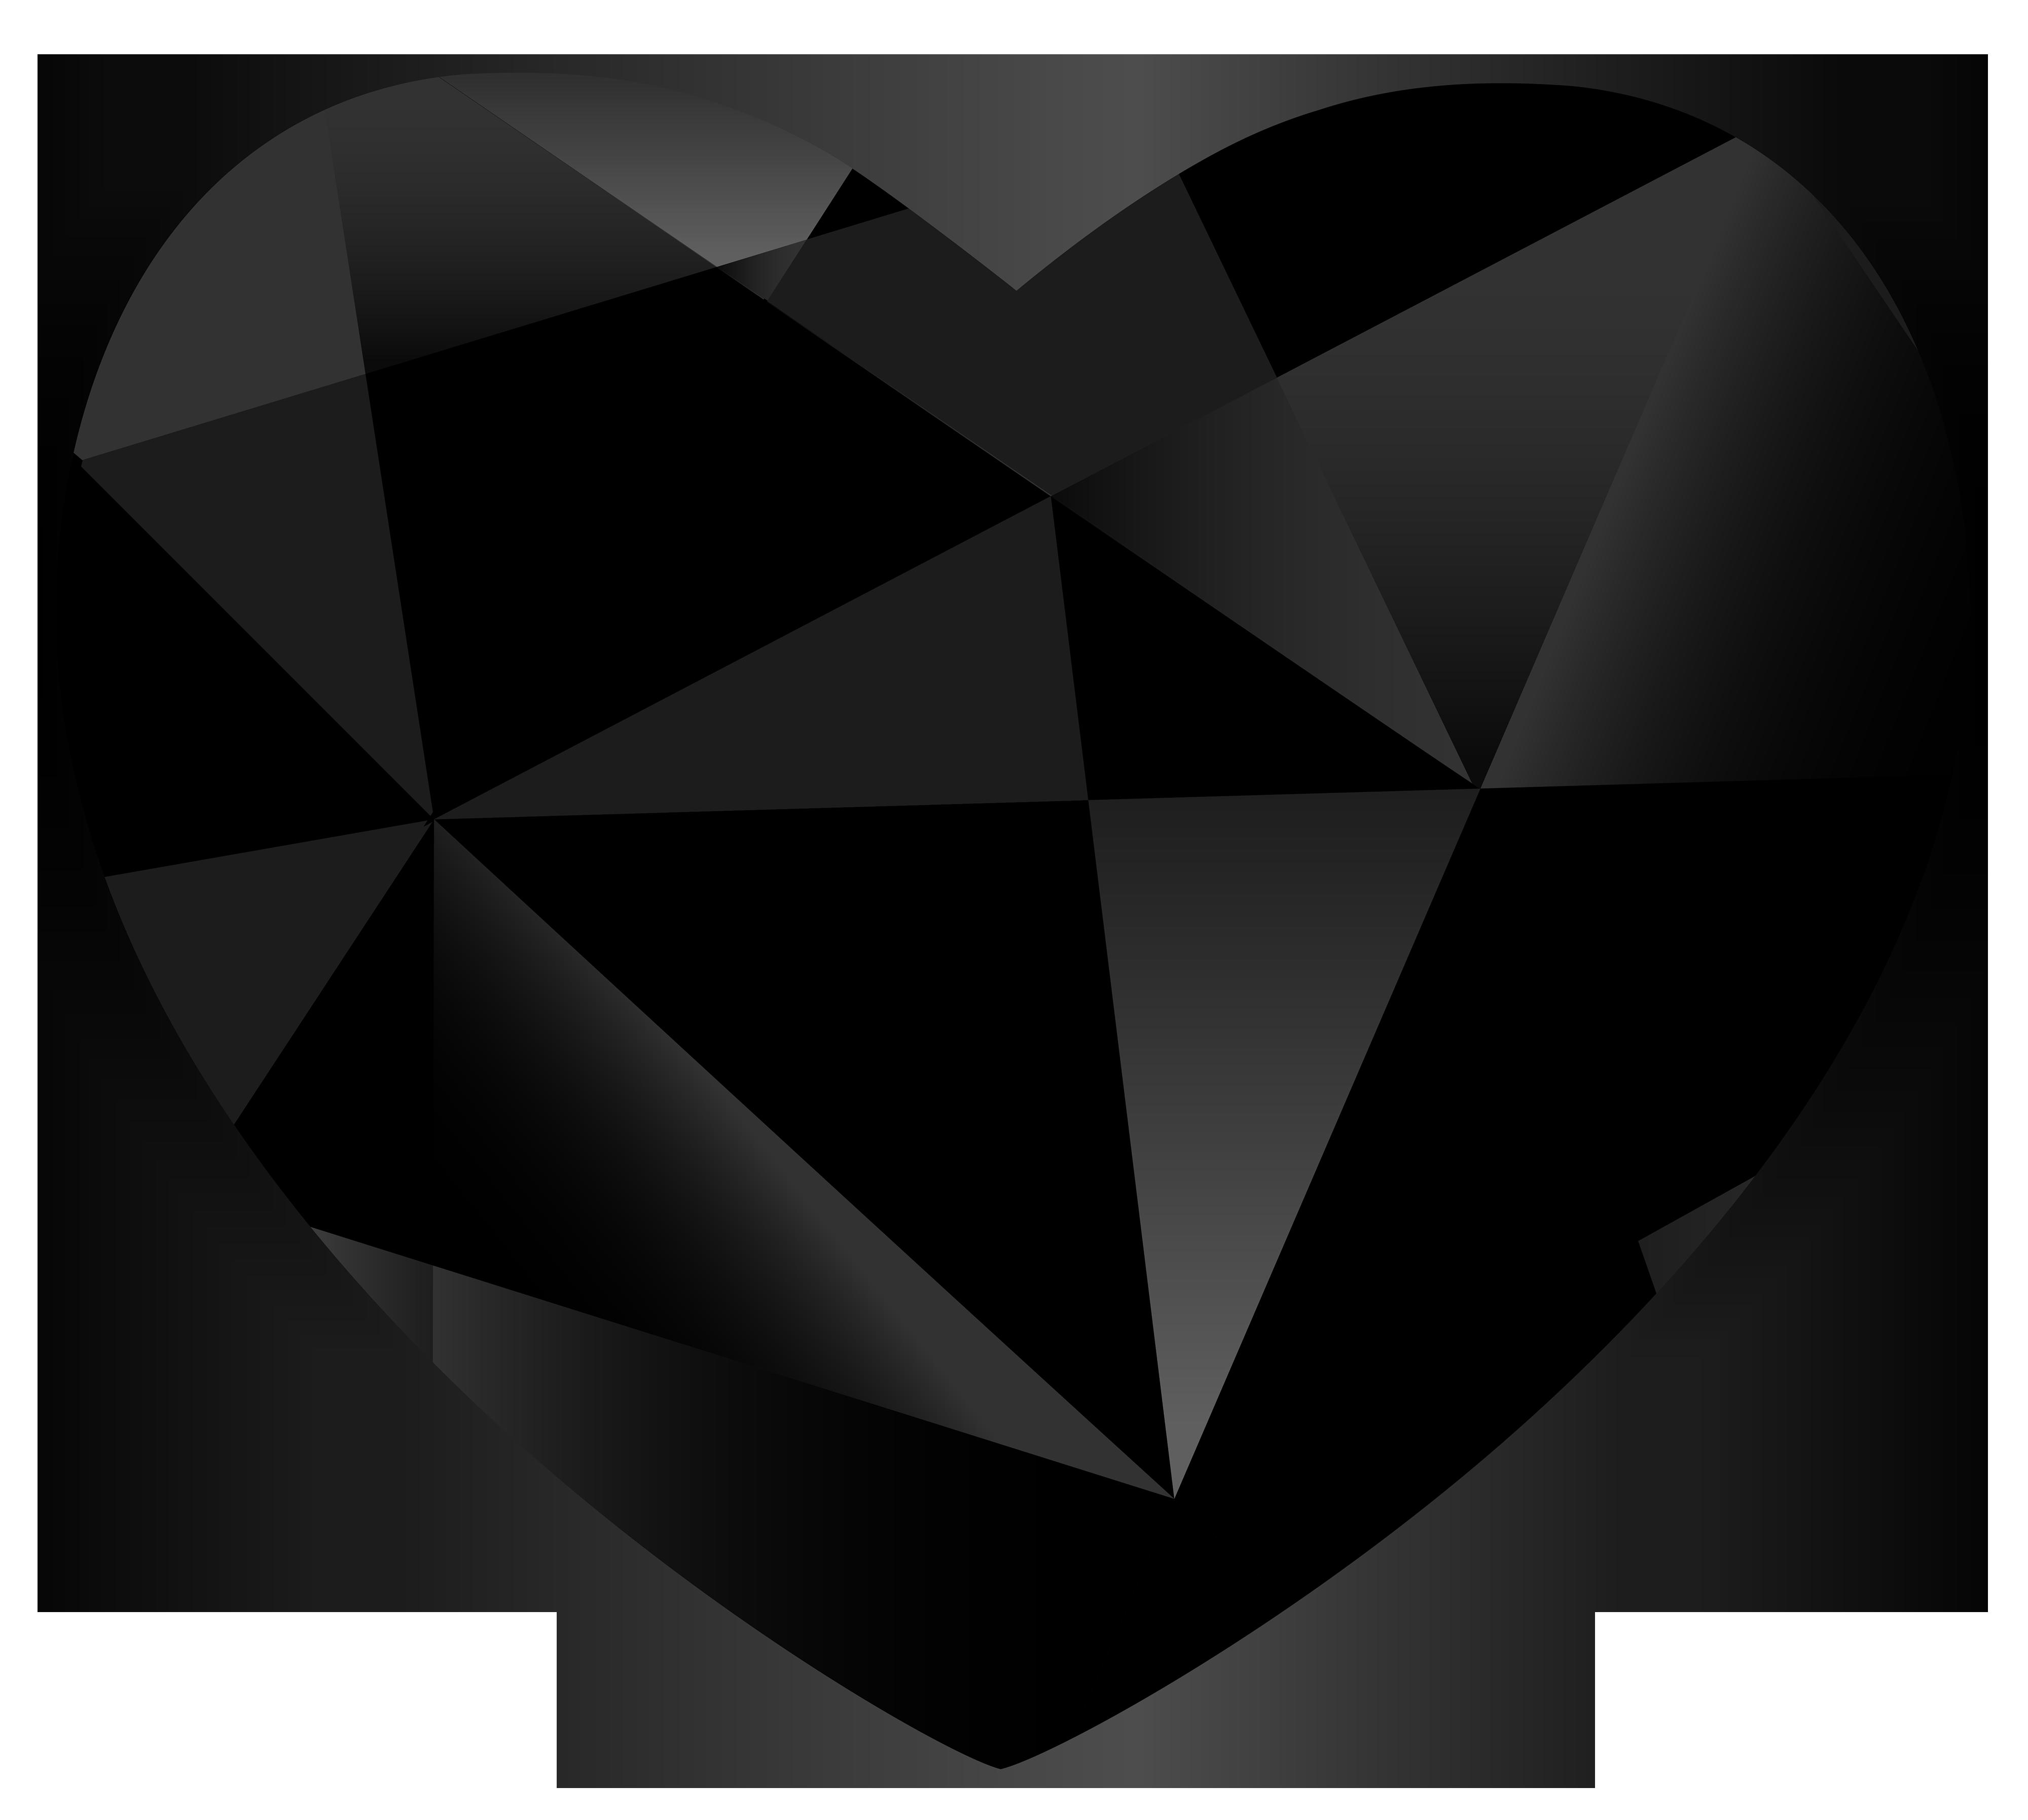 Hearts clipart vegetable. Black gem heart png